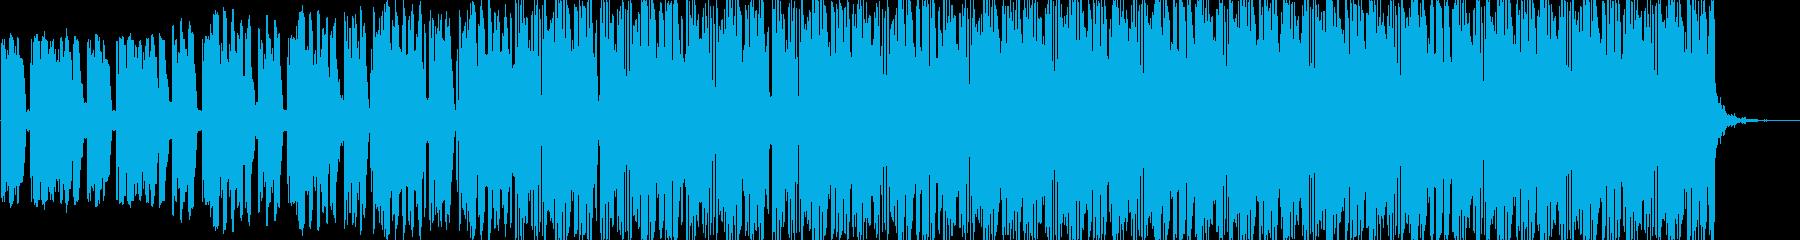 ゆったり、ほのぼの、エレクトロニカの再生済みの波形